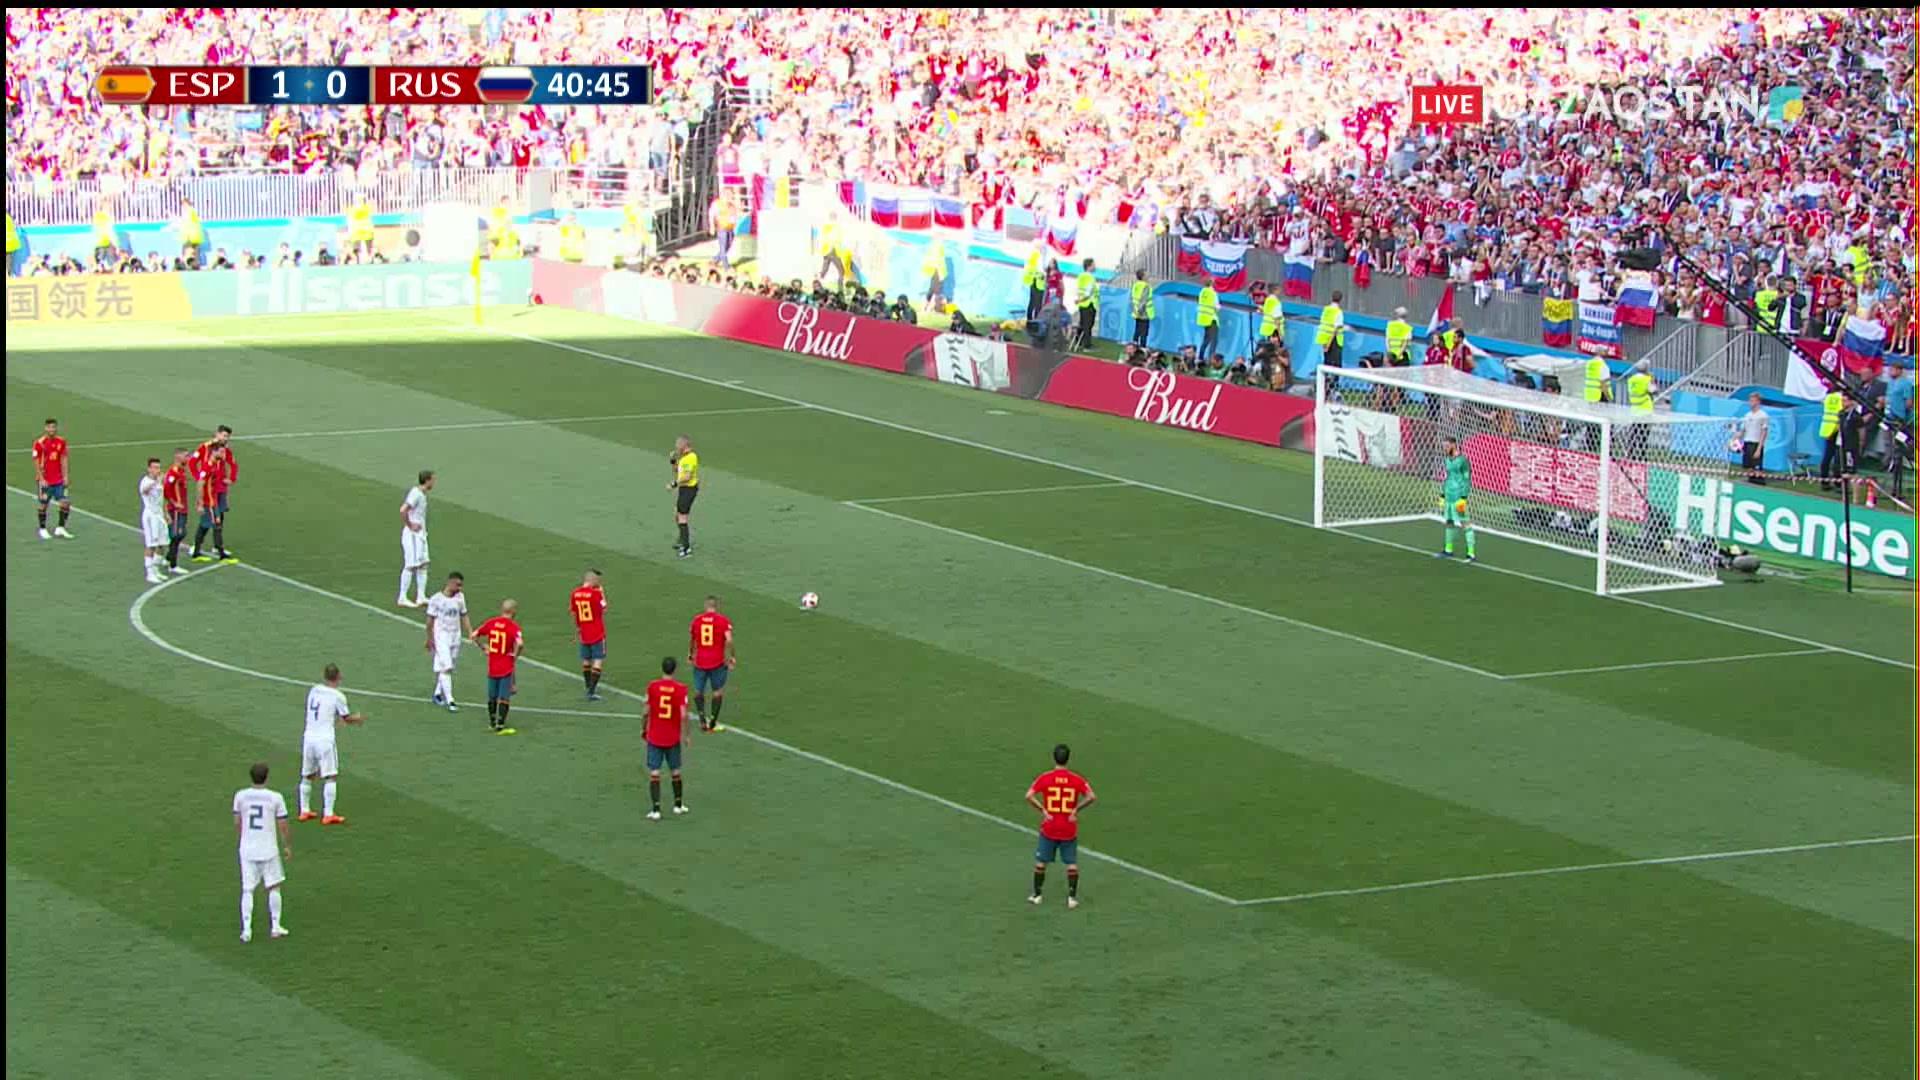 Испания – Ресей – 1:1 | Әлем Чемпионаты 2018: Артем Дзюба пенальтиден есепті теңестірді